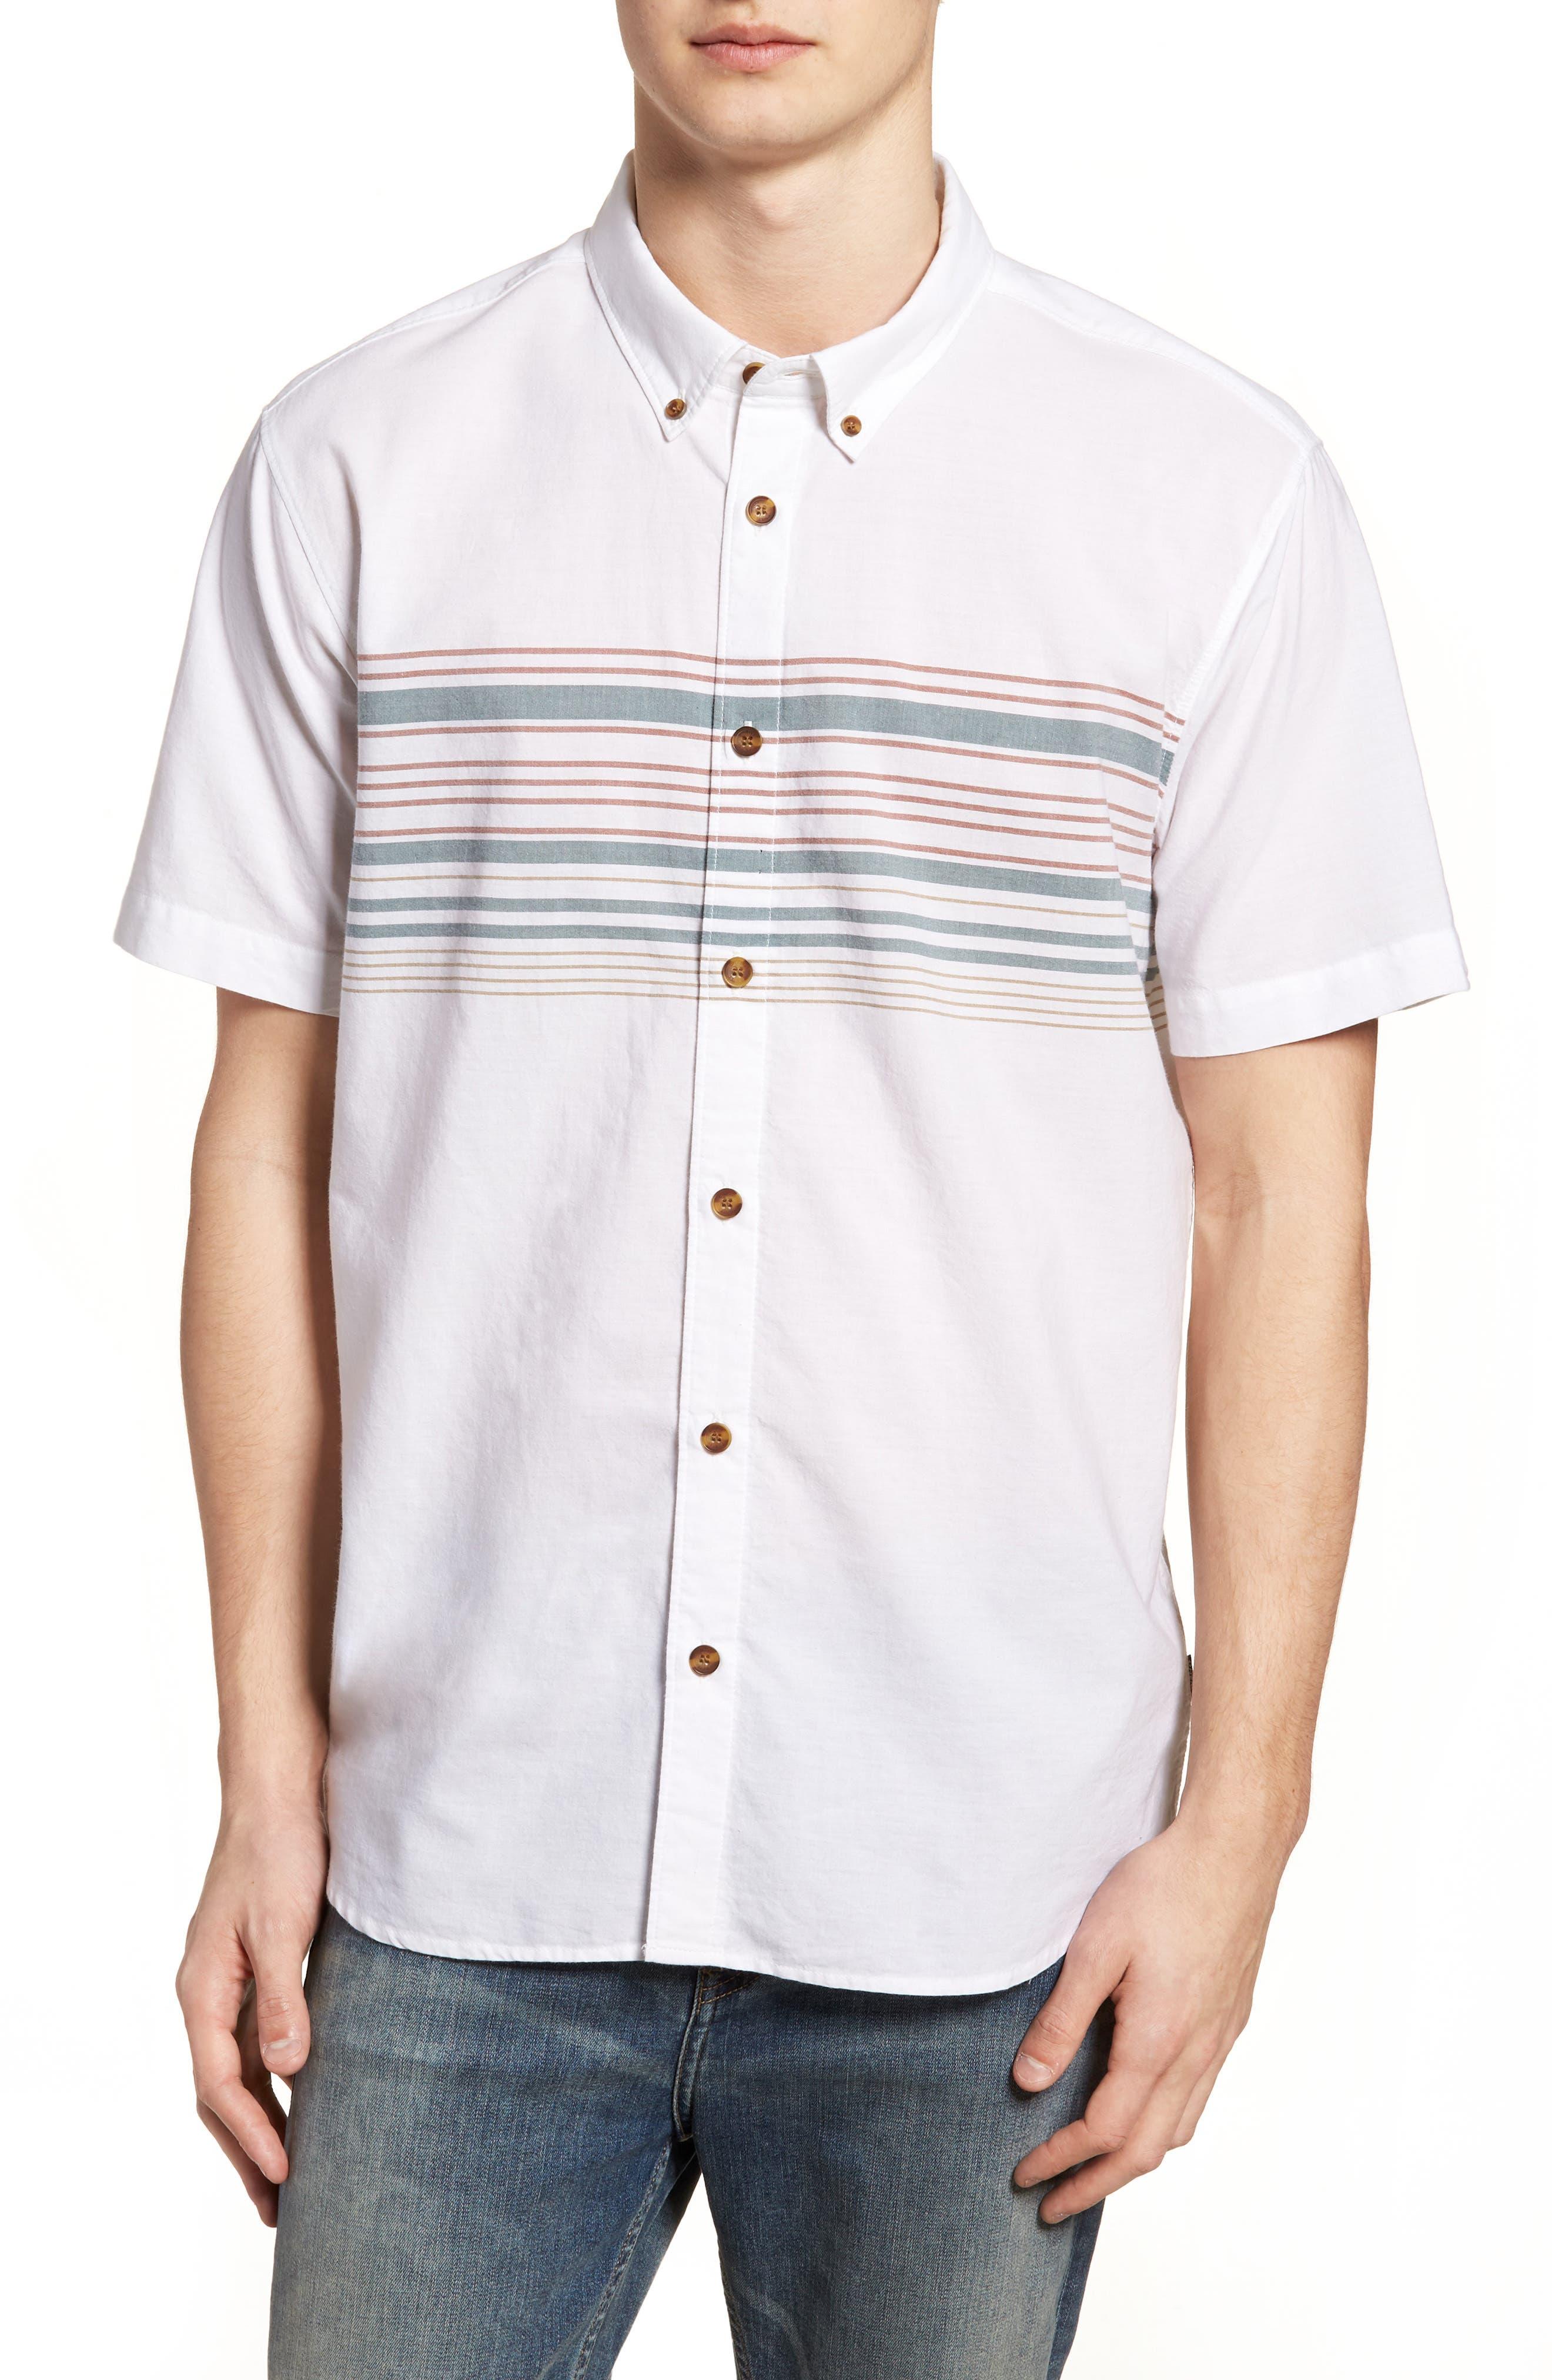 O'Neill Serf Short Sleeve Shirt